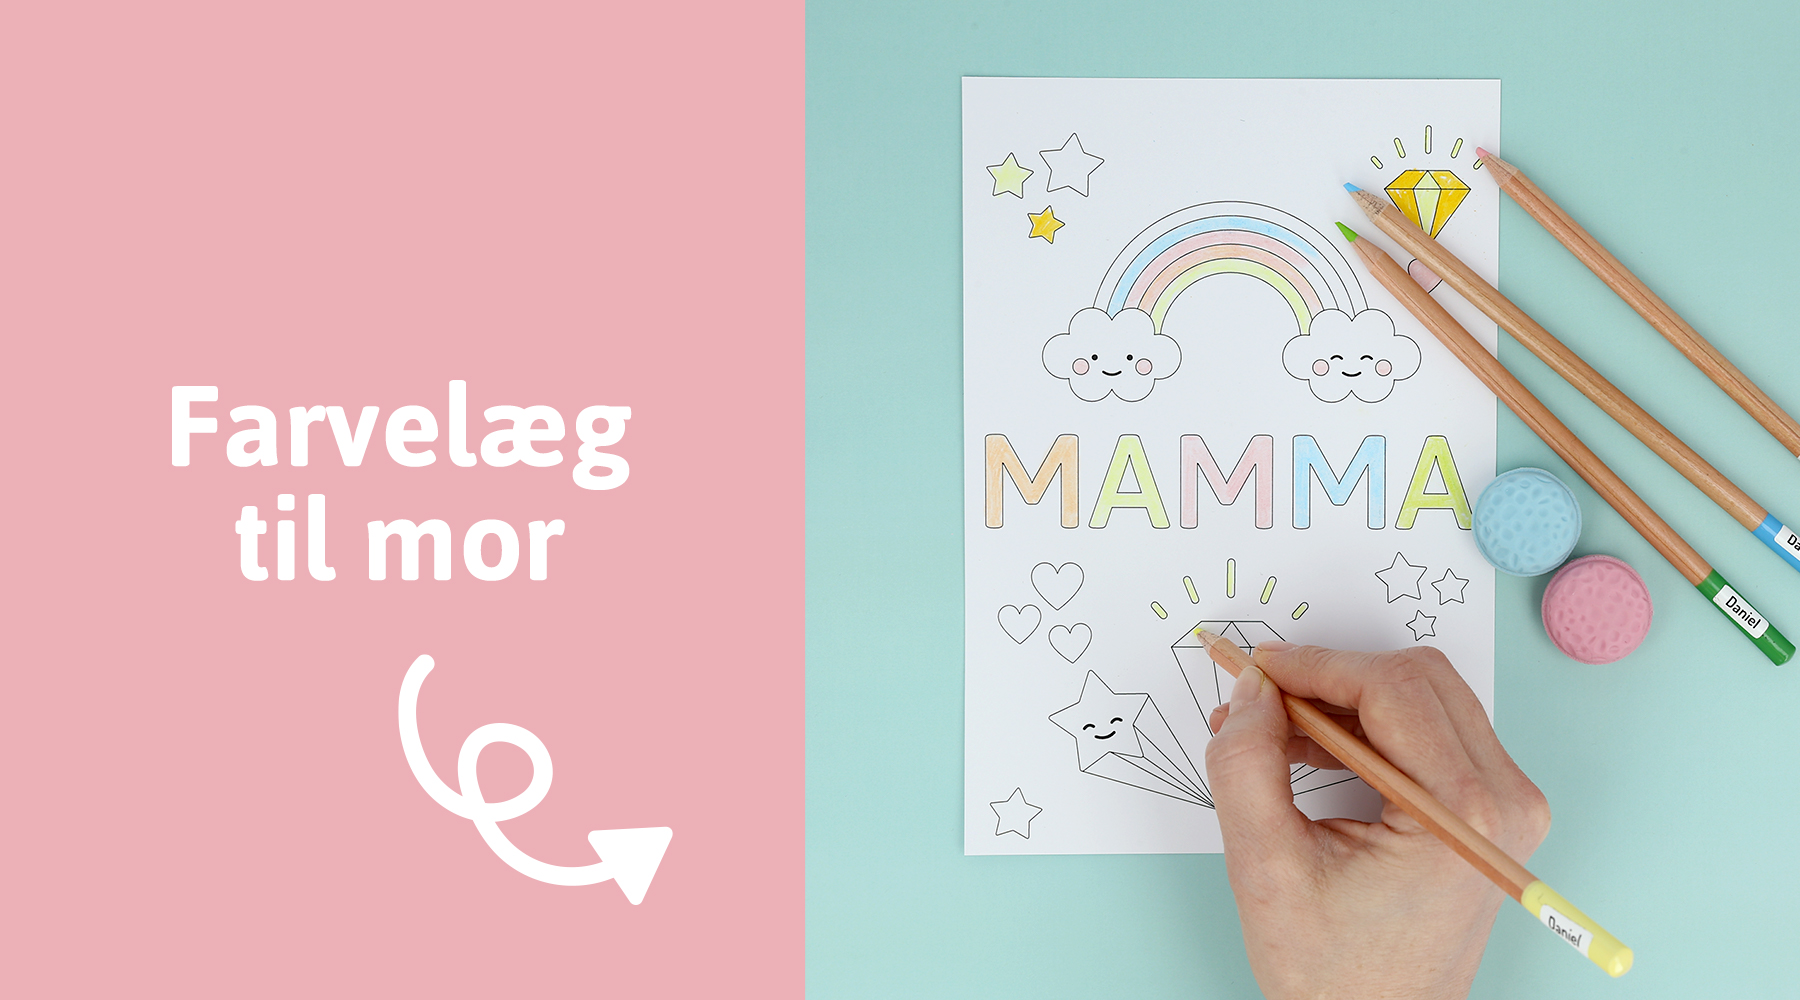 Gavetips til mors dag - farvelæg til mor